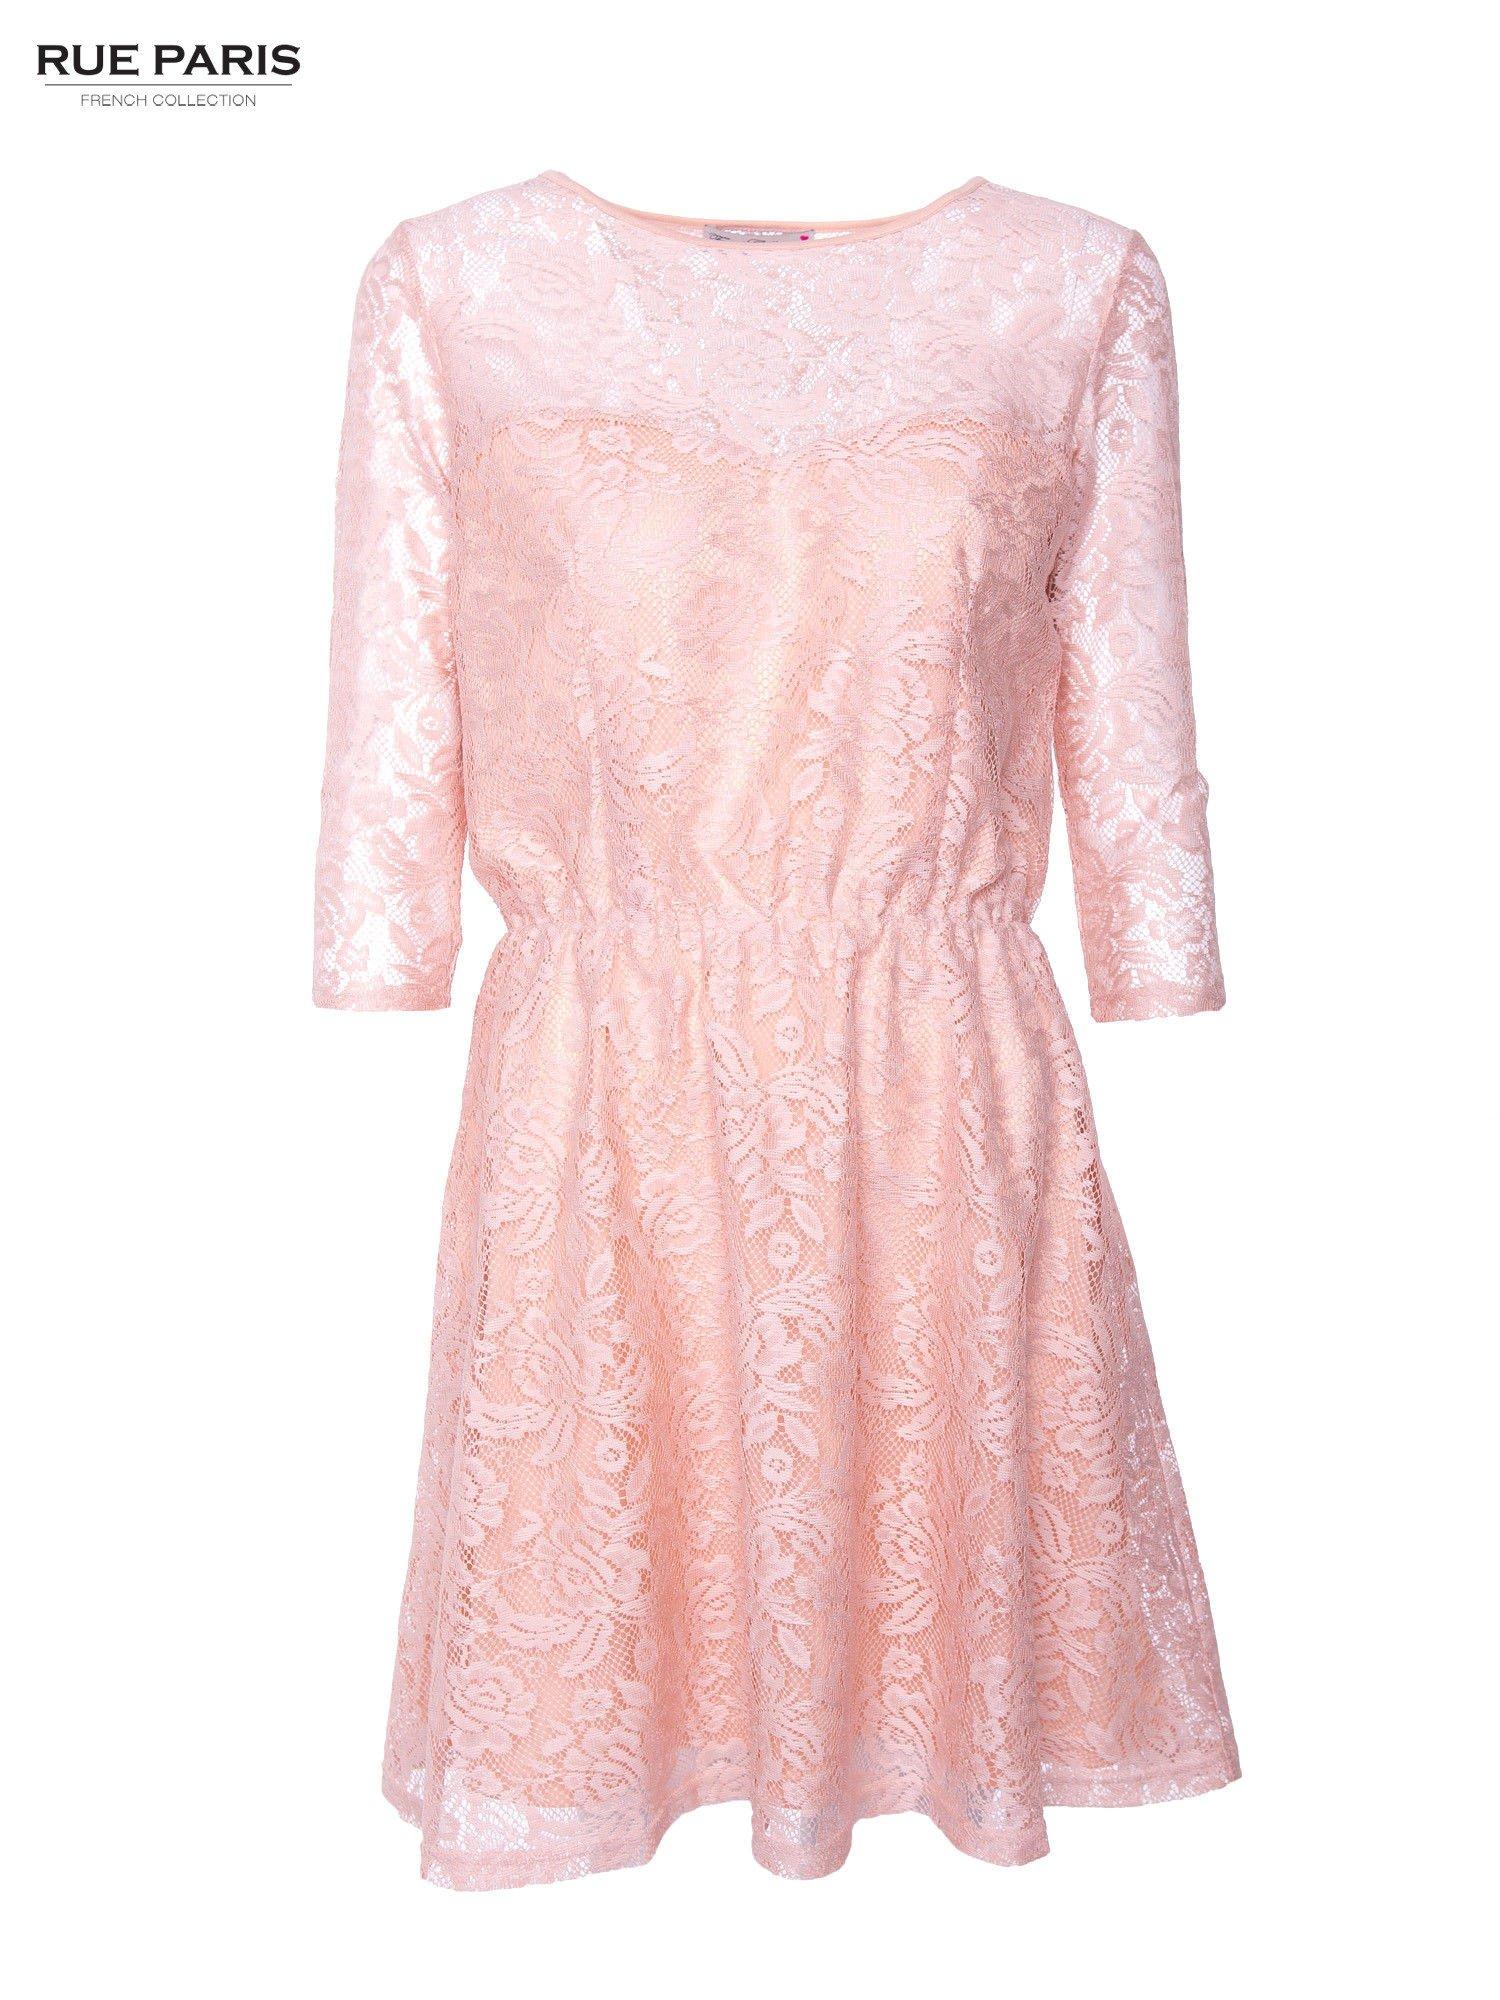 Kloszowana sukienka pokryta na górze przezroczystą koronką w kolorze łososiowym                                  zdj.                                  1